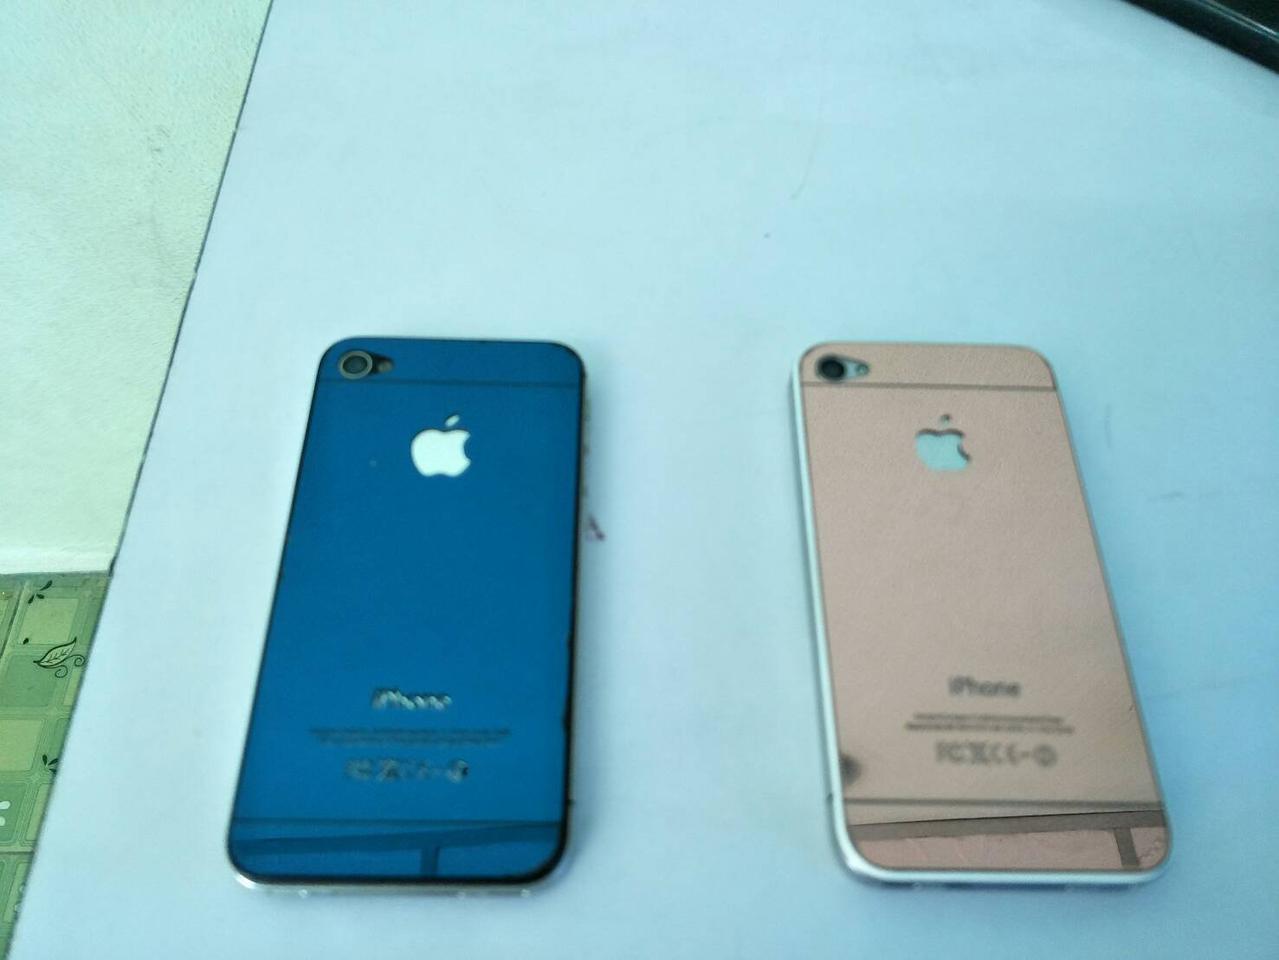 ขาย iphone 4s  2 เครื่อง รูปที่ 1